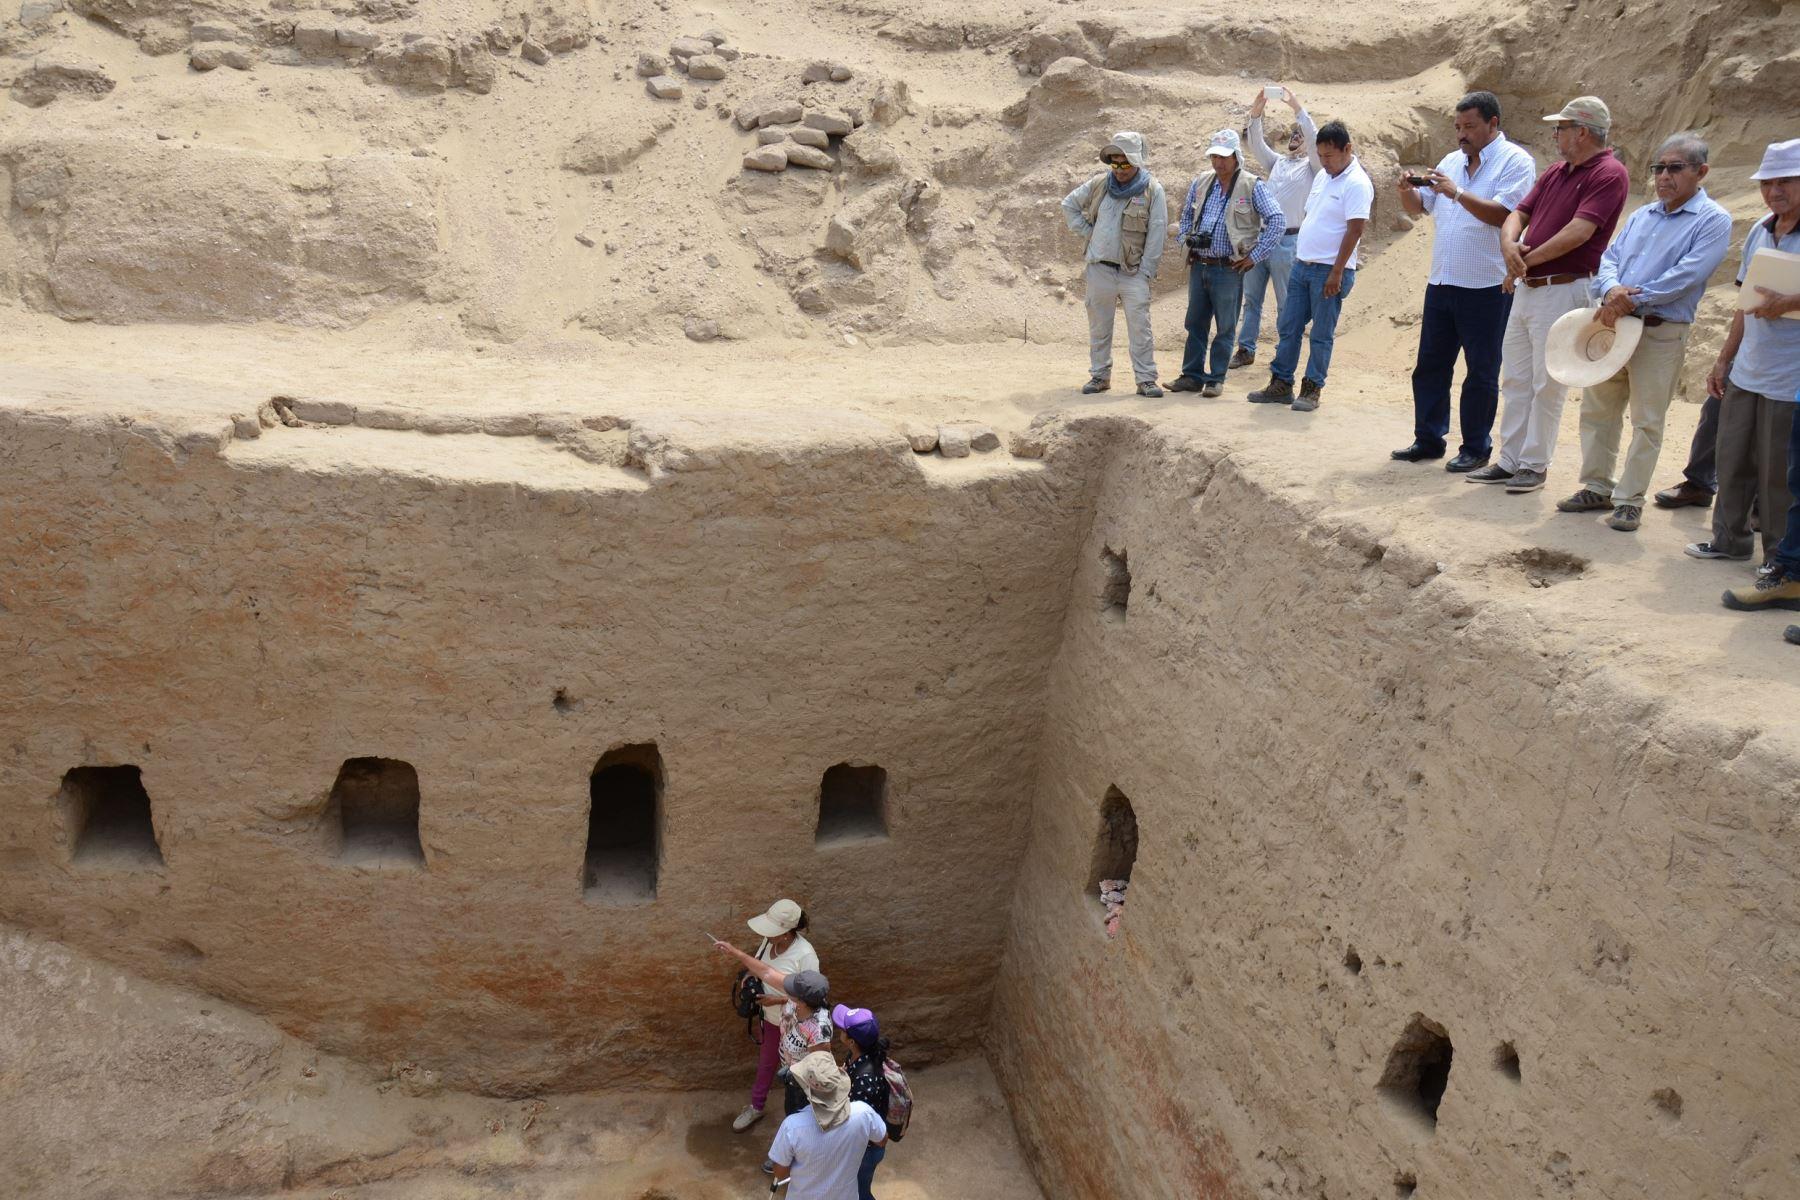 Tumba inca descubierta en complejo arqueológico Mata Indio, en Lambayeque, es un hallazgo trascendental, afirma arqueólogo, Luis Chero. ANDINA